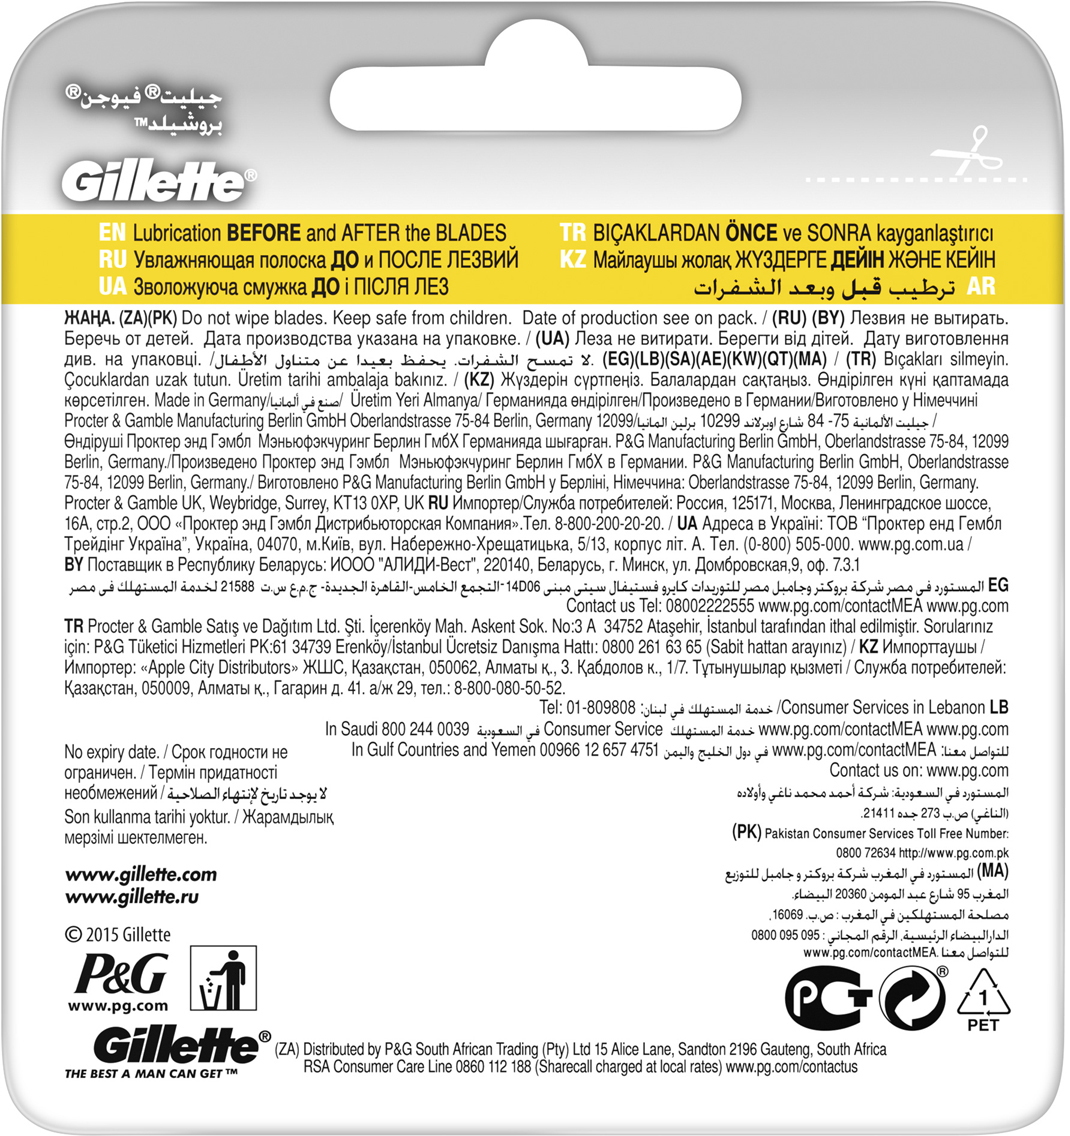 GilletteСменные кассеты для мужской бритвы Fusion ProShield, 4 шт Gillette